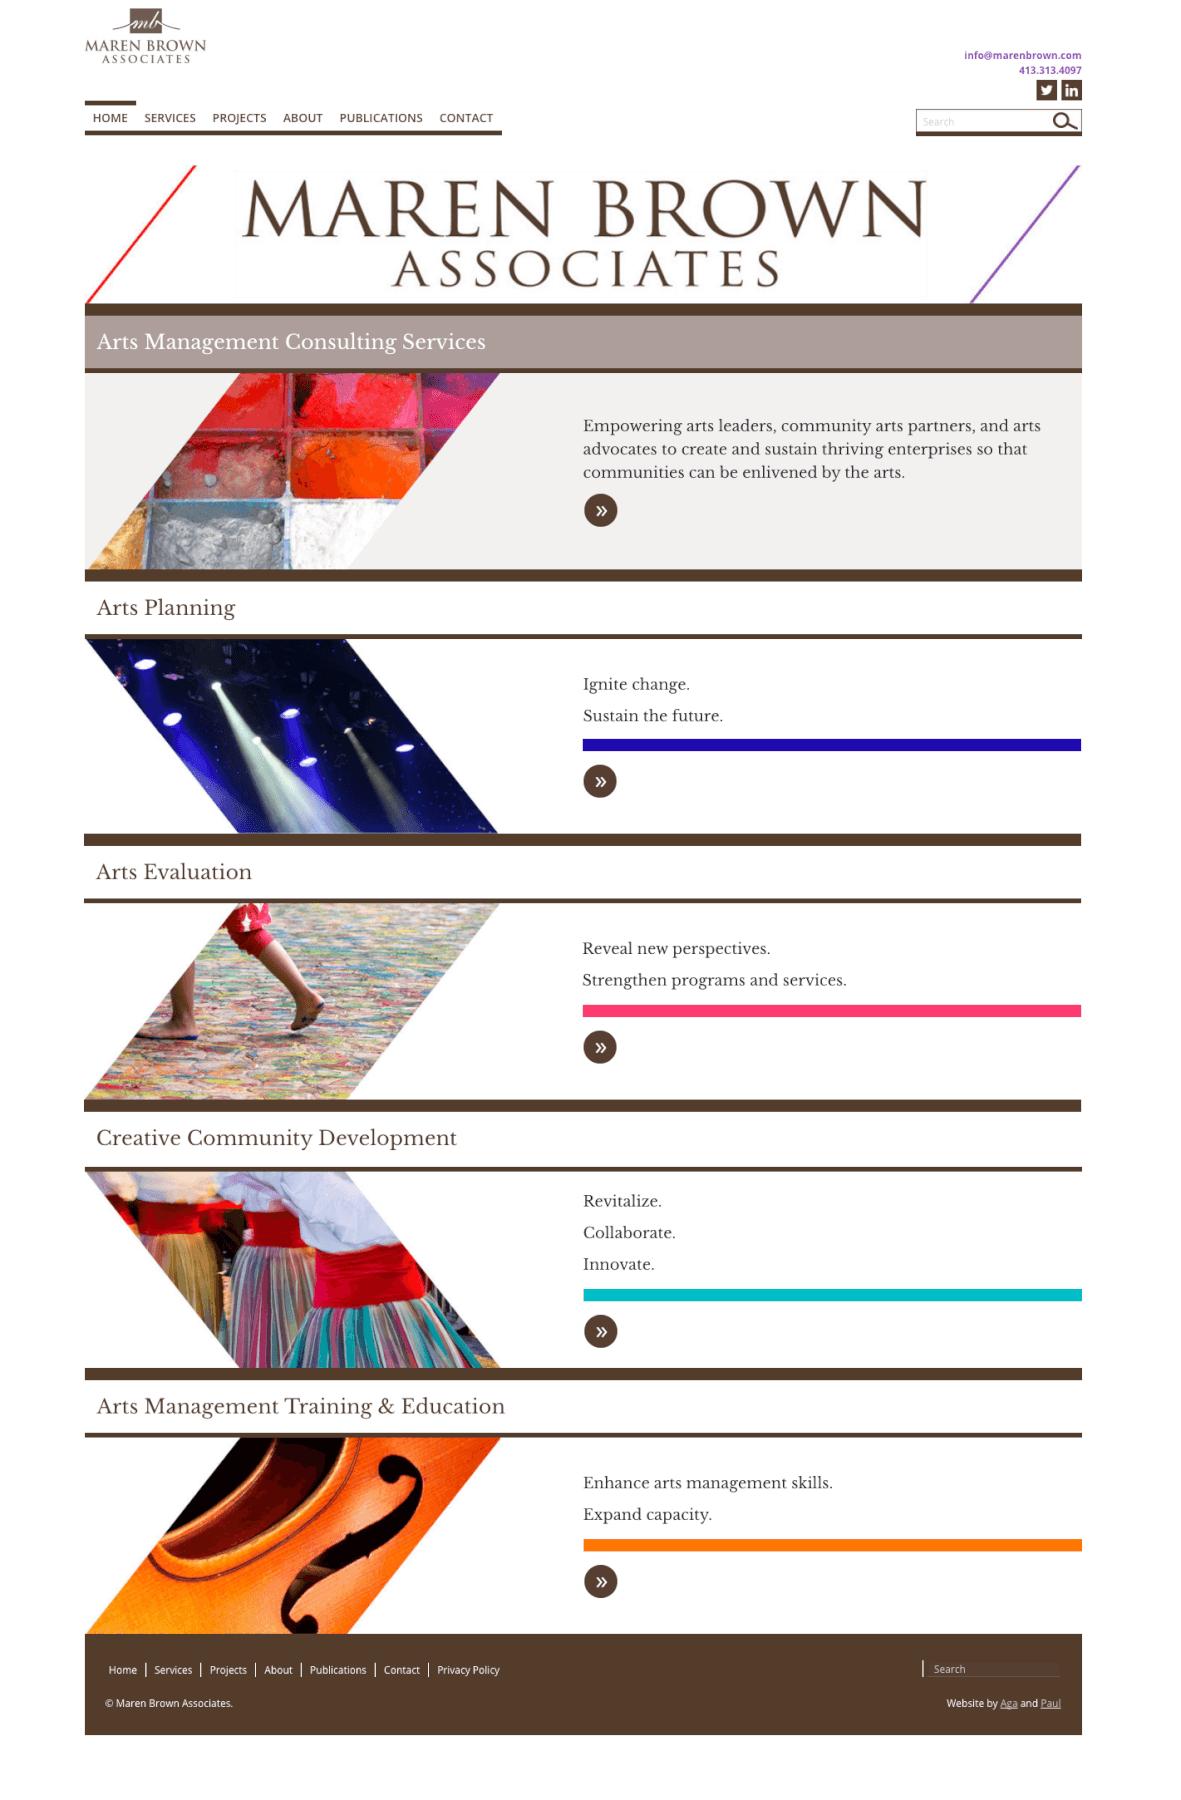 Website for Maren Brown Associates.